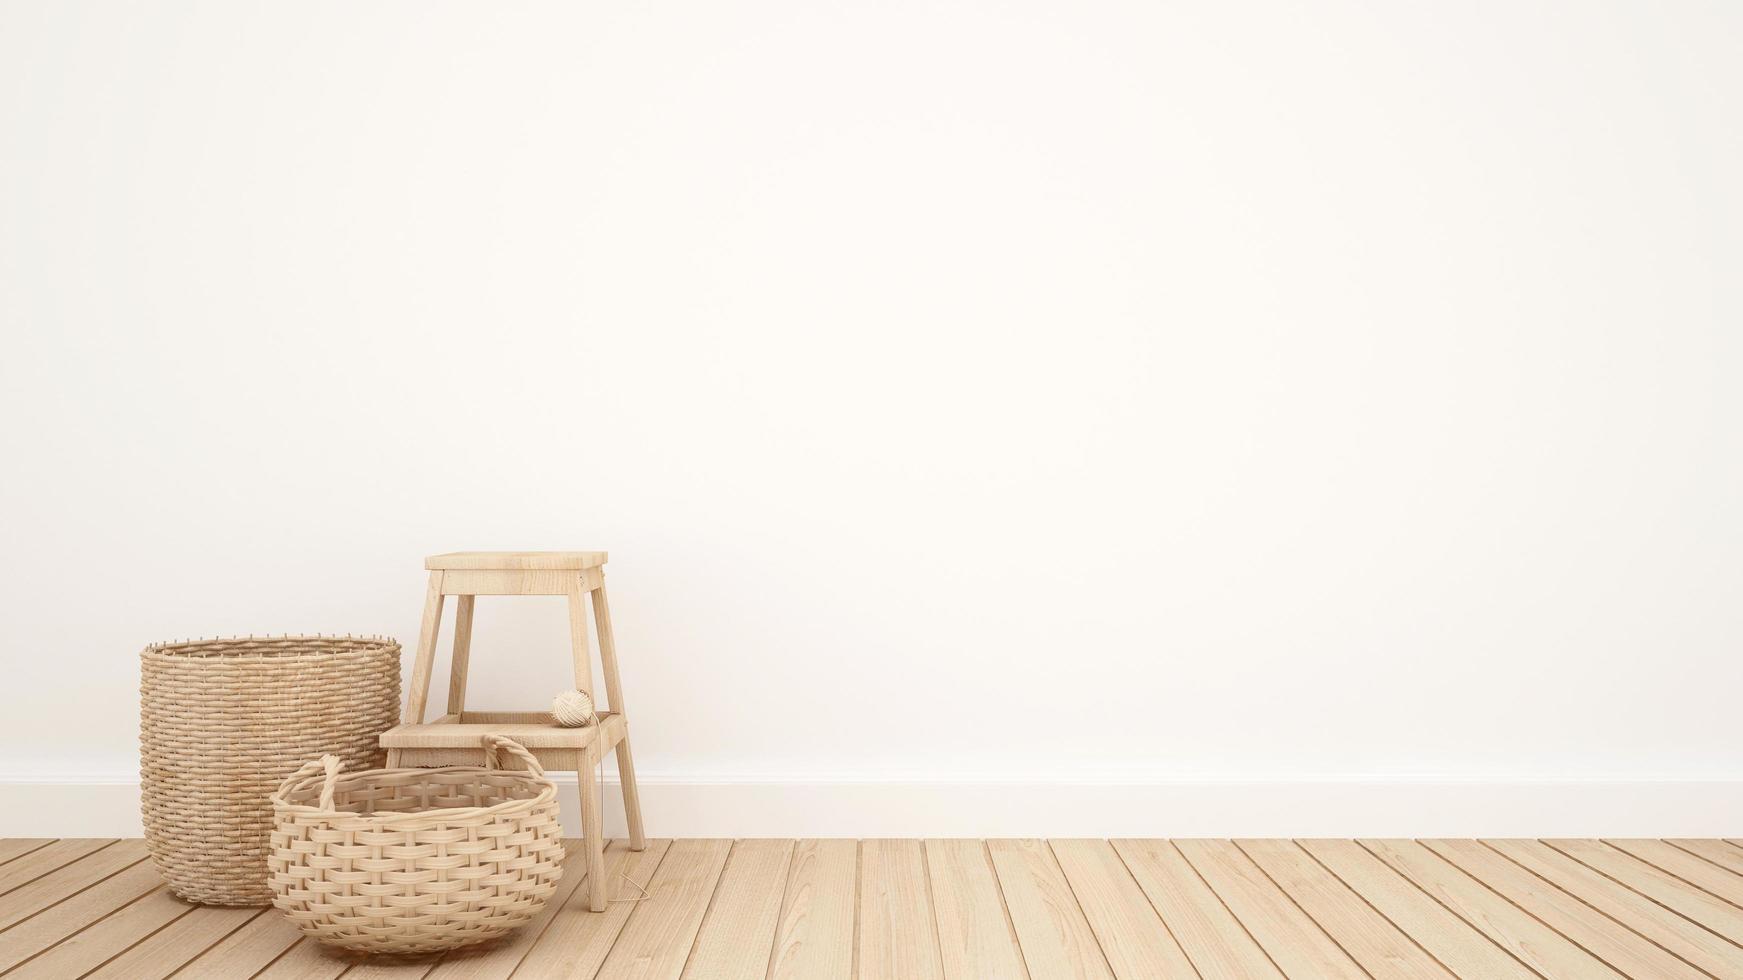 panier et tabouret en osier dans la salle blanche pour l'art photo